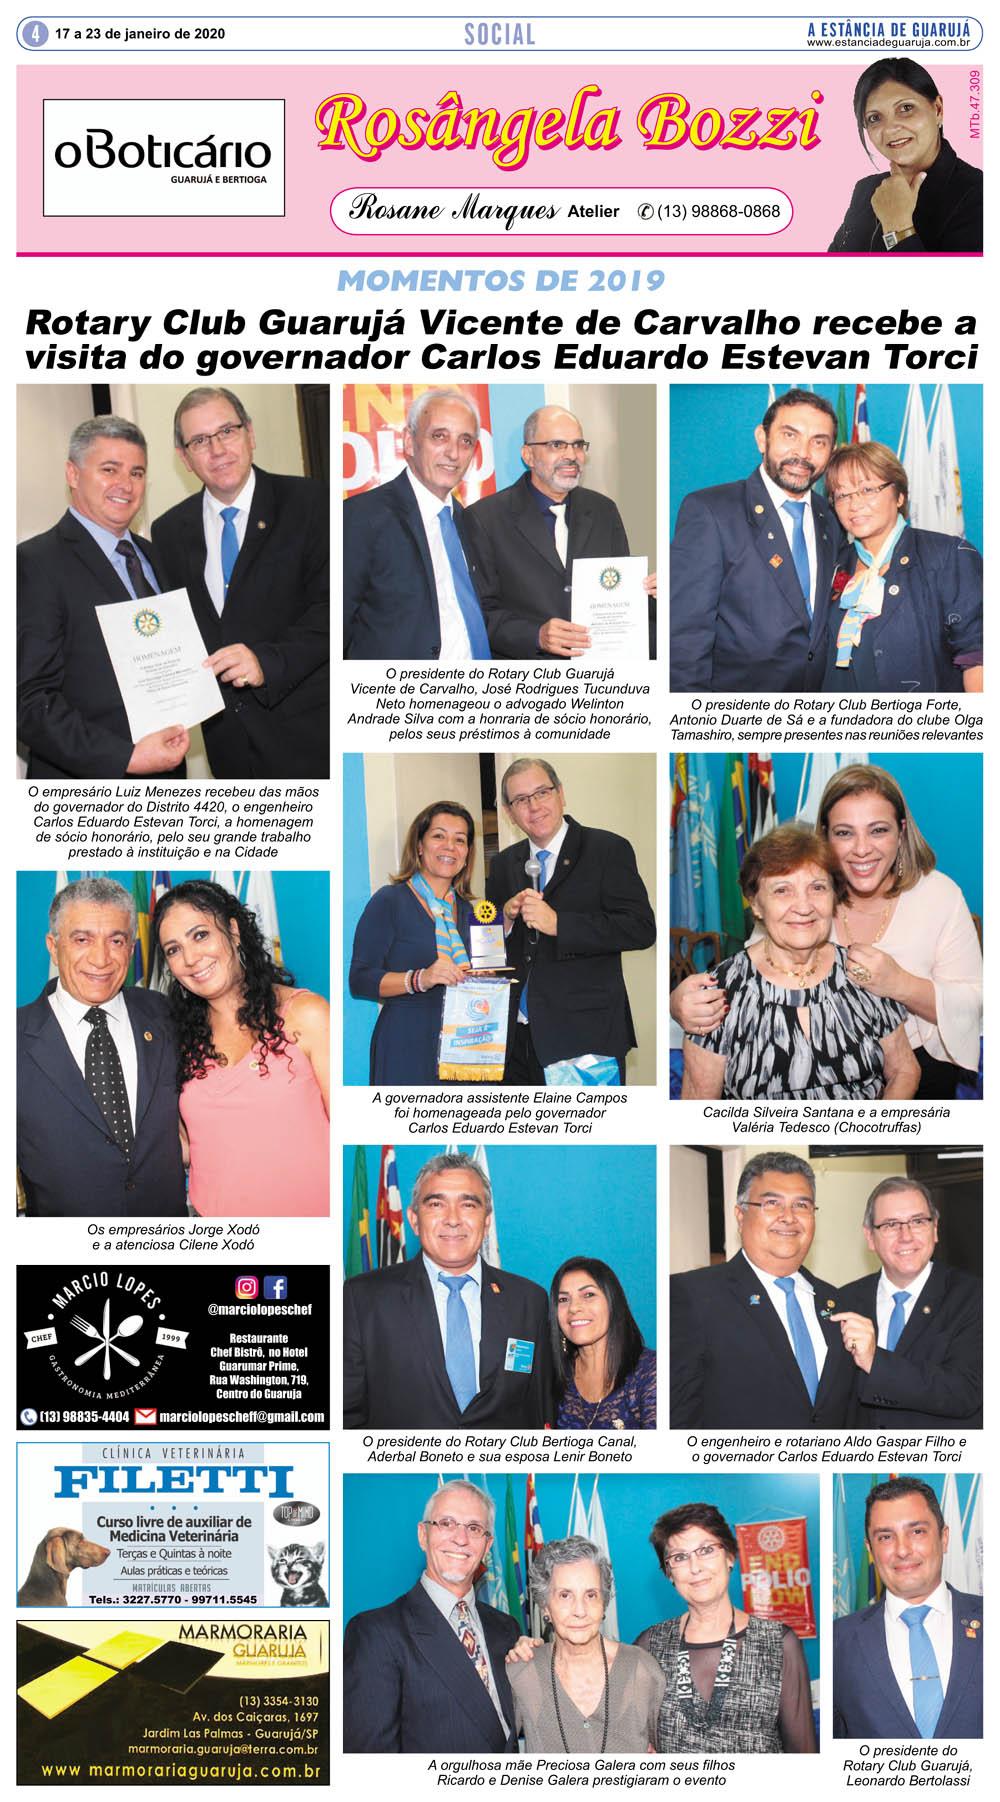 Rotary Club Guarujá VC recebe a visita do governador Carlos Eduardo Estevan Torci